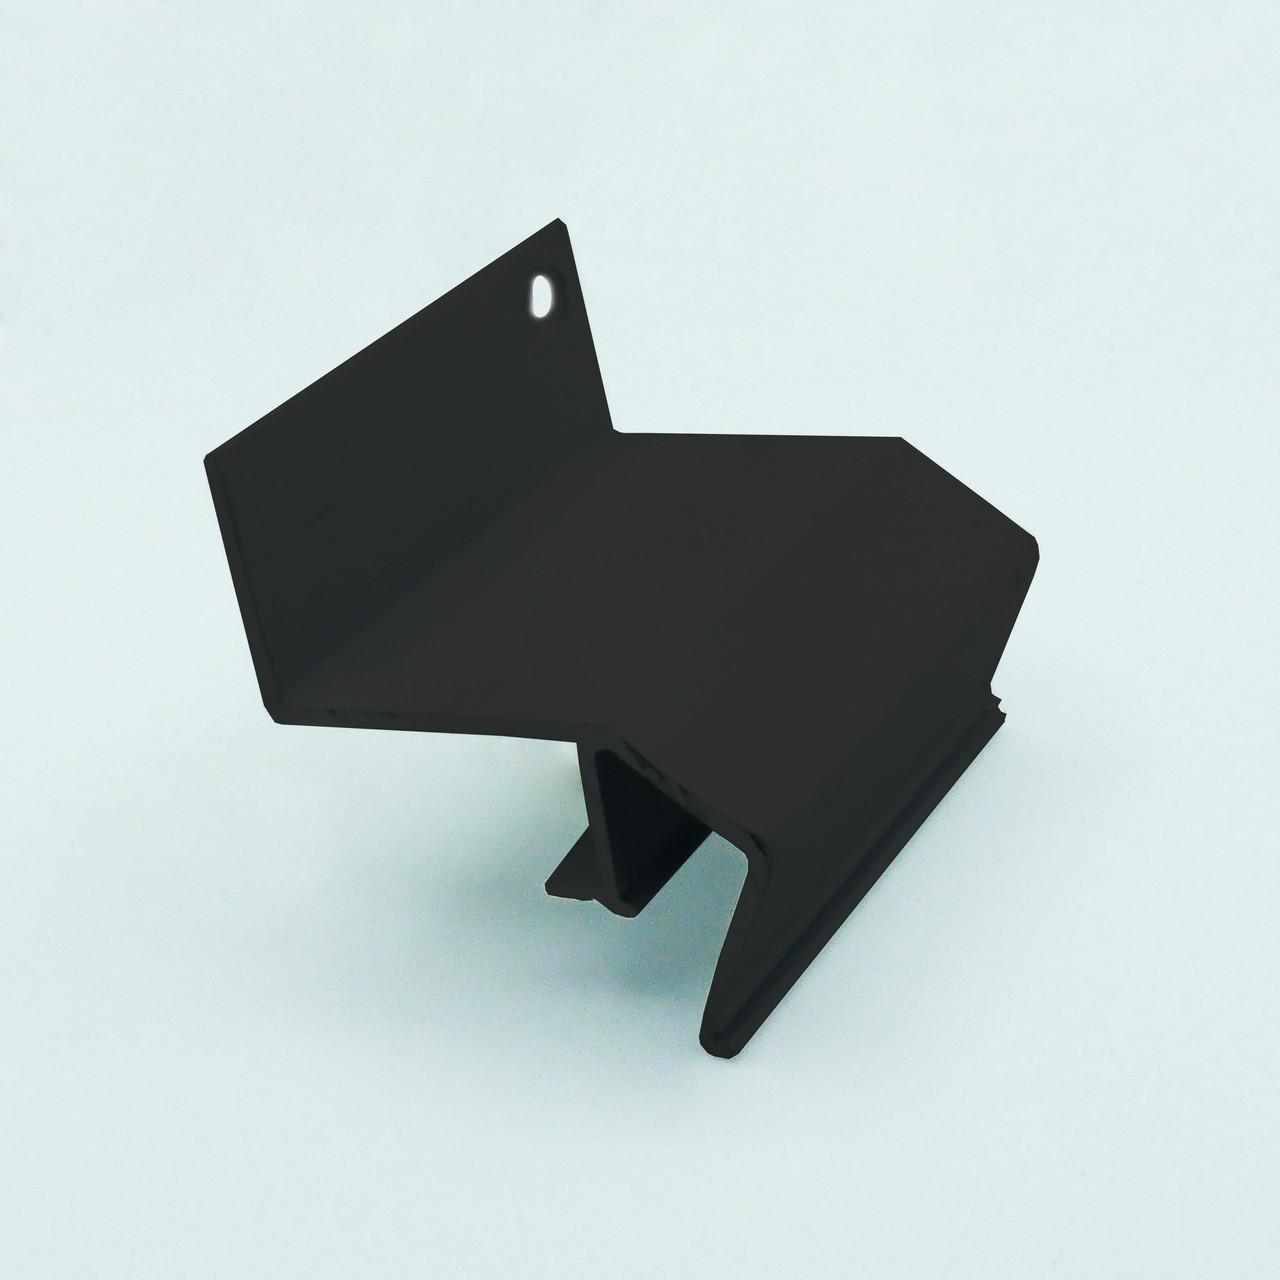 Профиль алюминиевый для натяжных потолков - парящий, усиленный, крашеный черный, без вставки №3. Длина 2,5 м